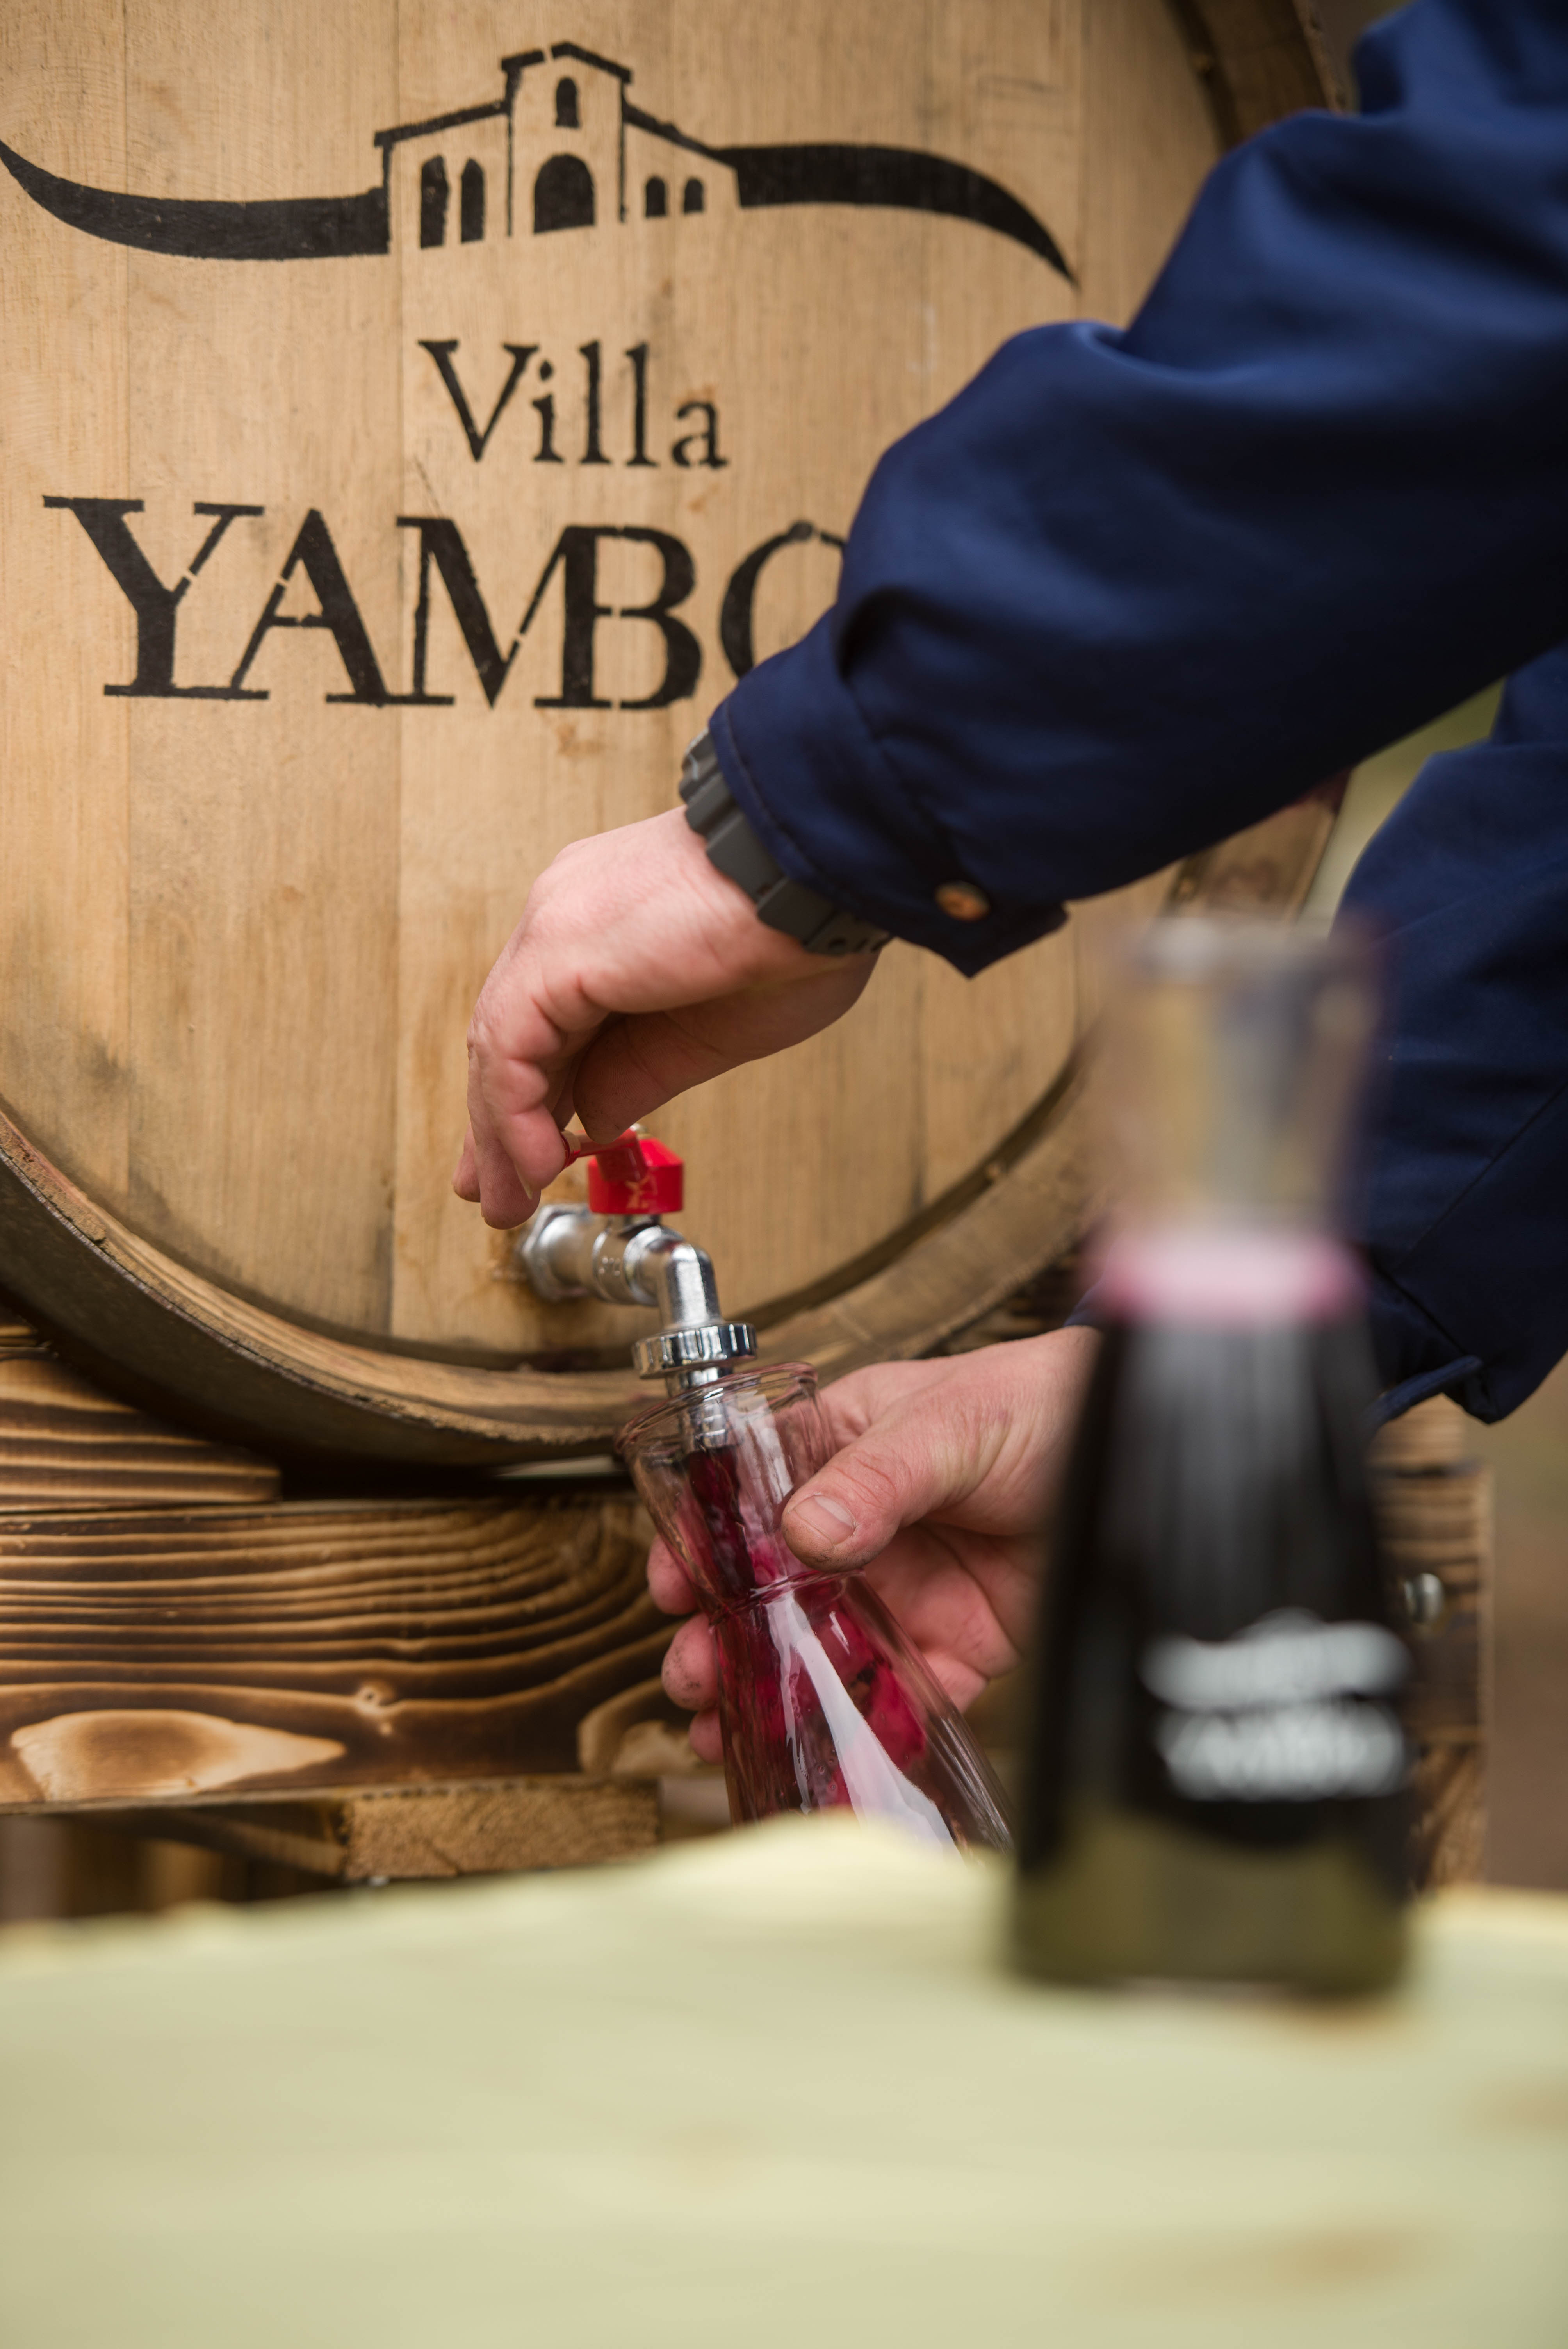 За втора поредна година ВИЛА ЯМБОЛ превърна професионалния си ден Трифон Зарезан в празник за жителите на град Ямбол